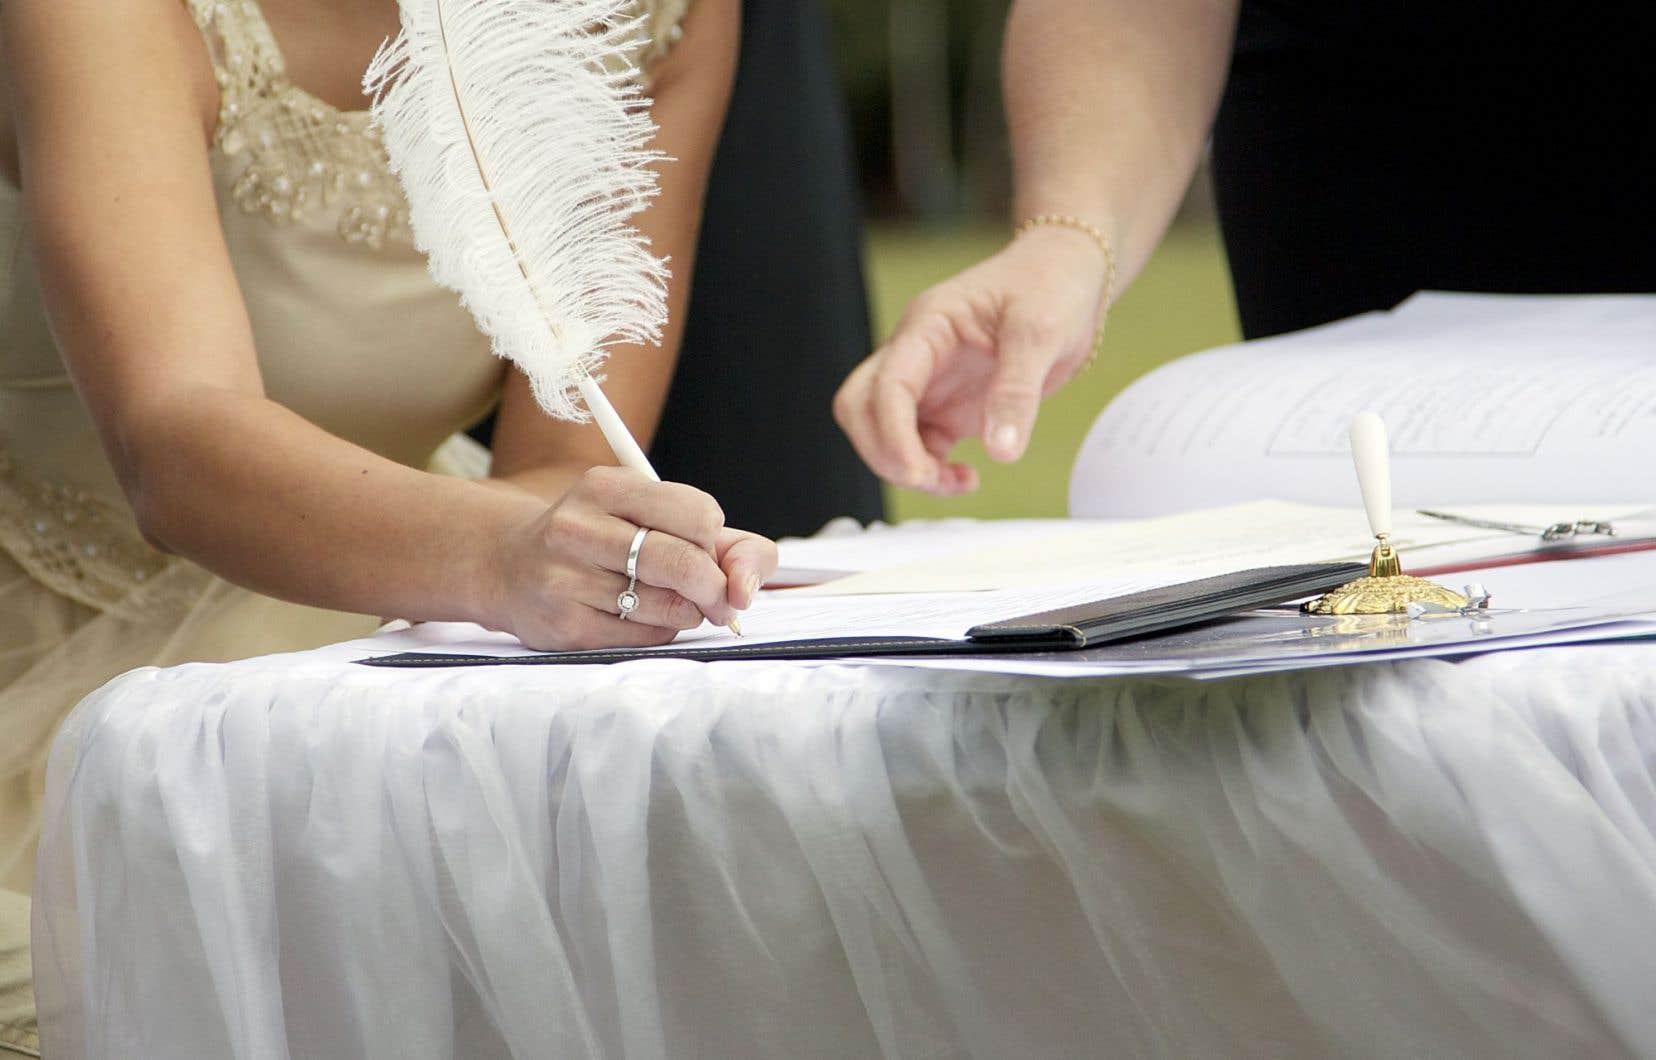 Un avocat spécialisé en immigration dit voir des couples stupéfiés d'apprendre qu'ils ne sont pas mariés selon la loi.